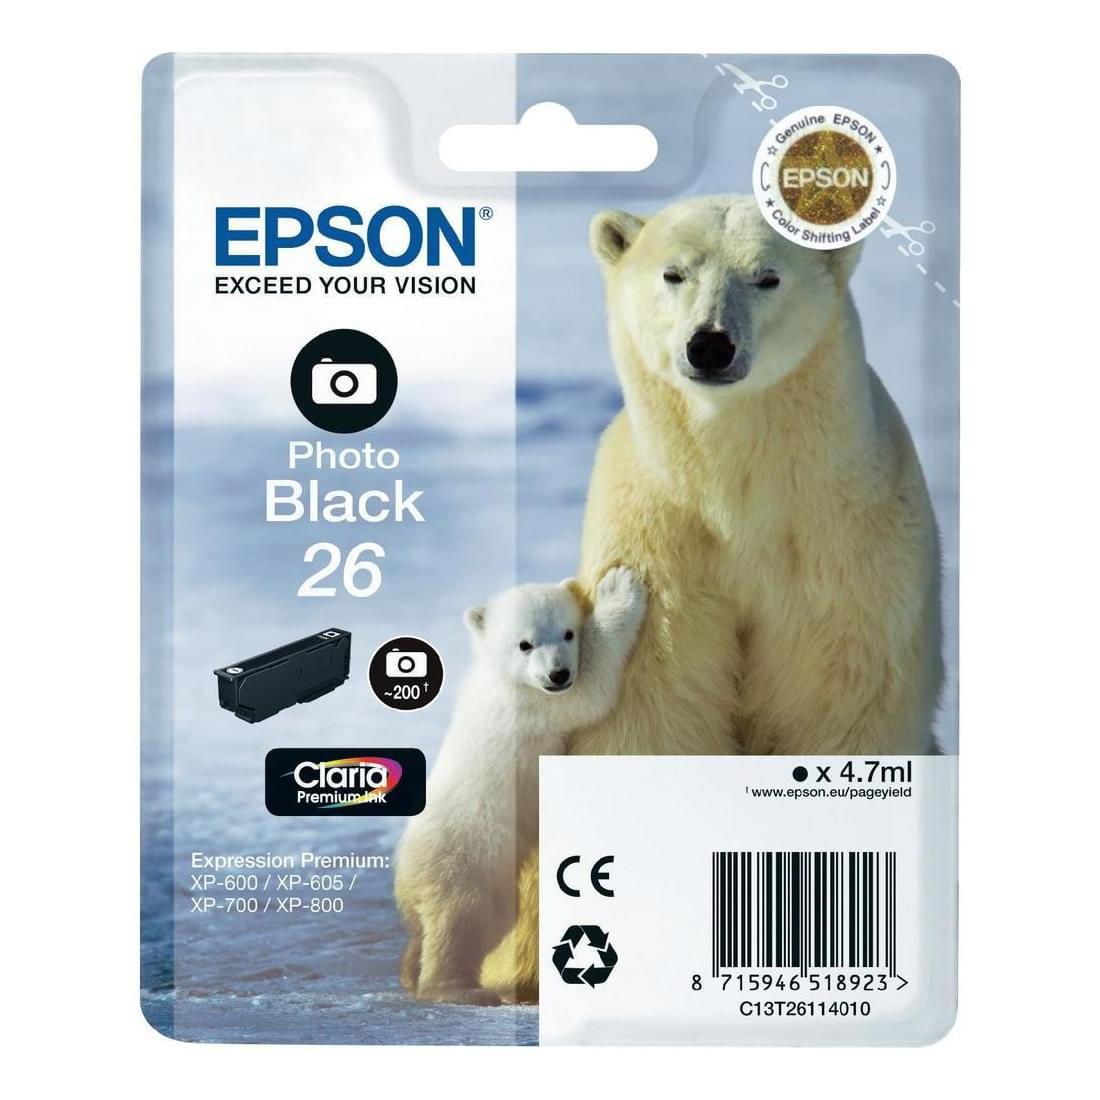 Epson Cartouche d'encre Noir Photo 26 (C13T26114010) - Achat / Vente Consommable Imprimante sur Cybertek.fr - 0